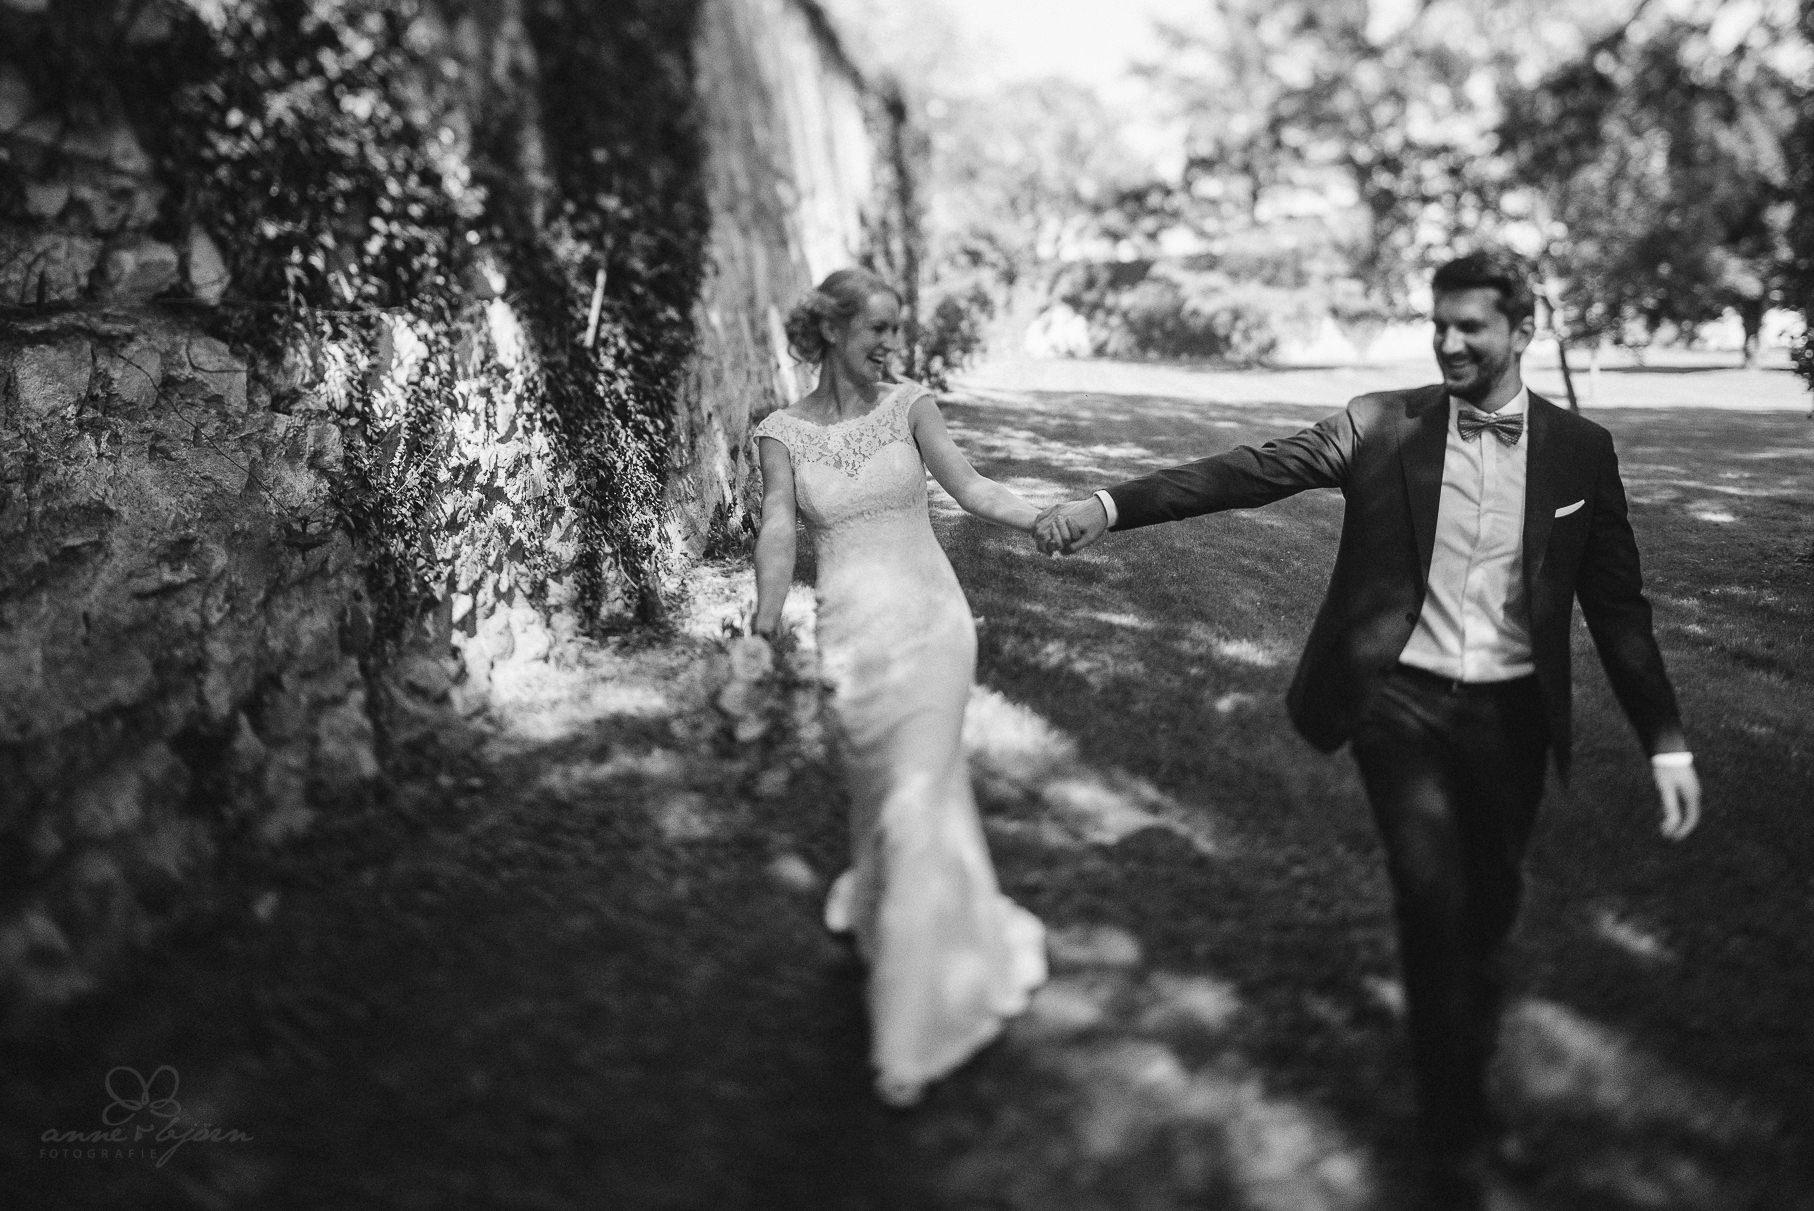 0083 anne und bjoern hochzeit schweiz d75 1100 - DIY Hochzeit in der Schweiz - Sabrina & Christoph